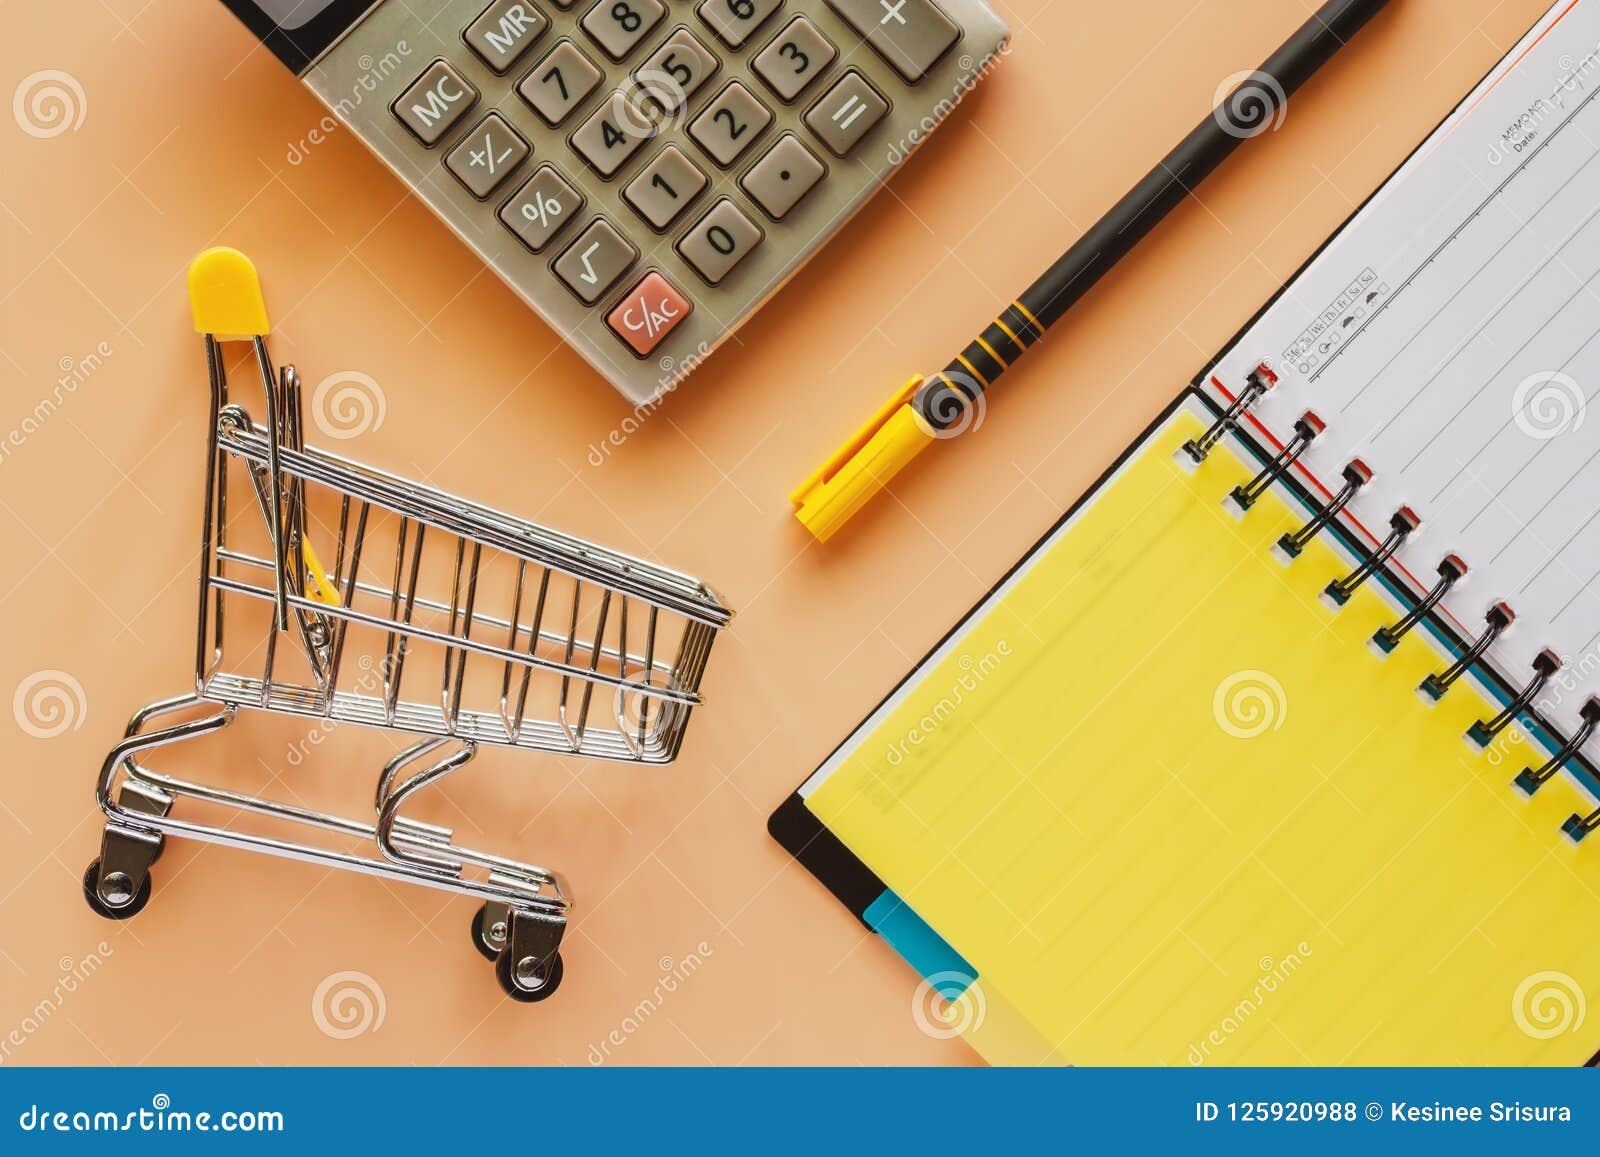 Το μίνι κάρρο ή το καροτσάκι αγορών με το ανοιγμένο σπειροειδές σημειωματάριο, περιφράζει το α